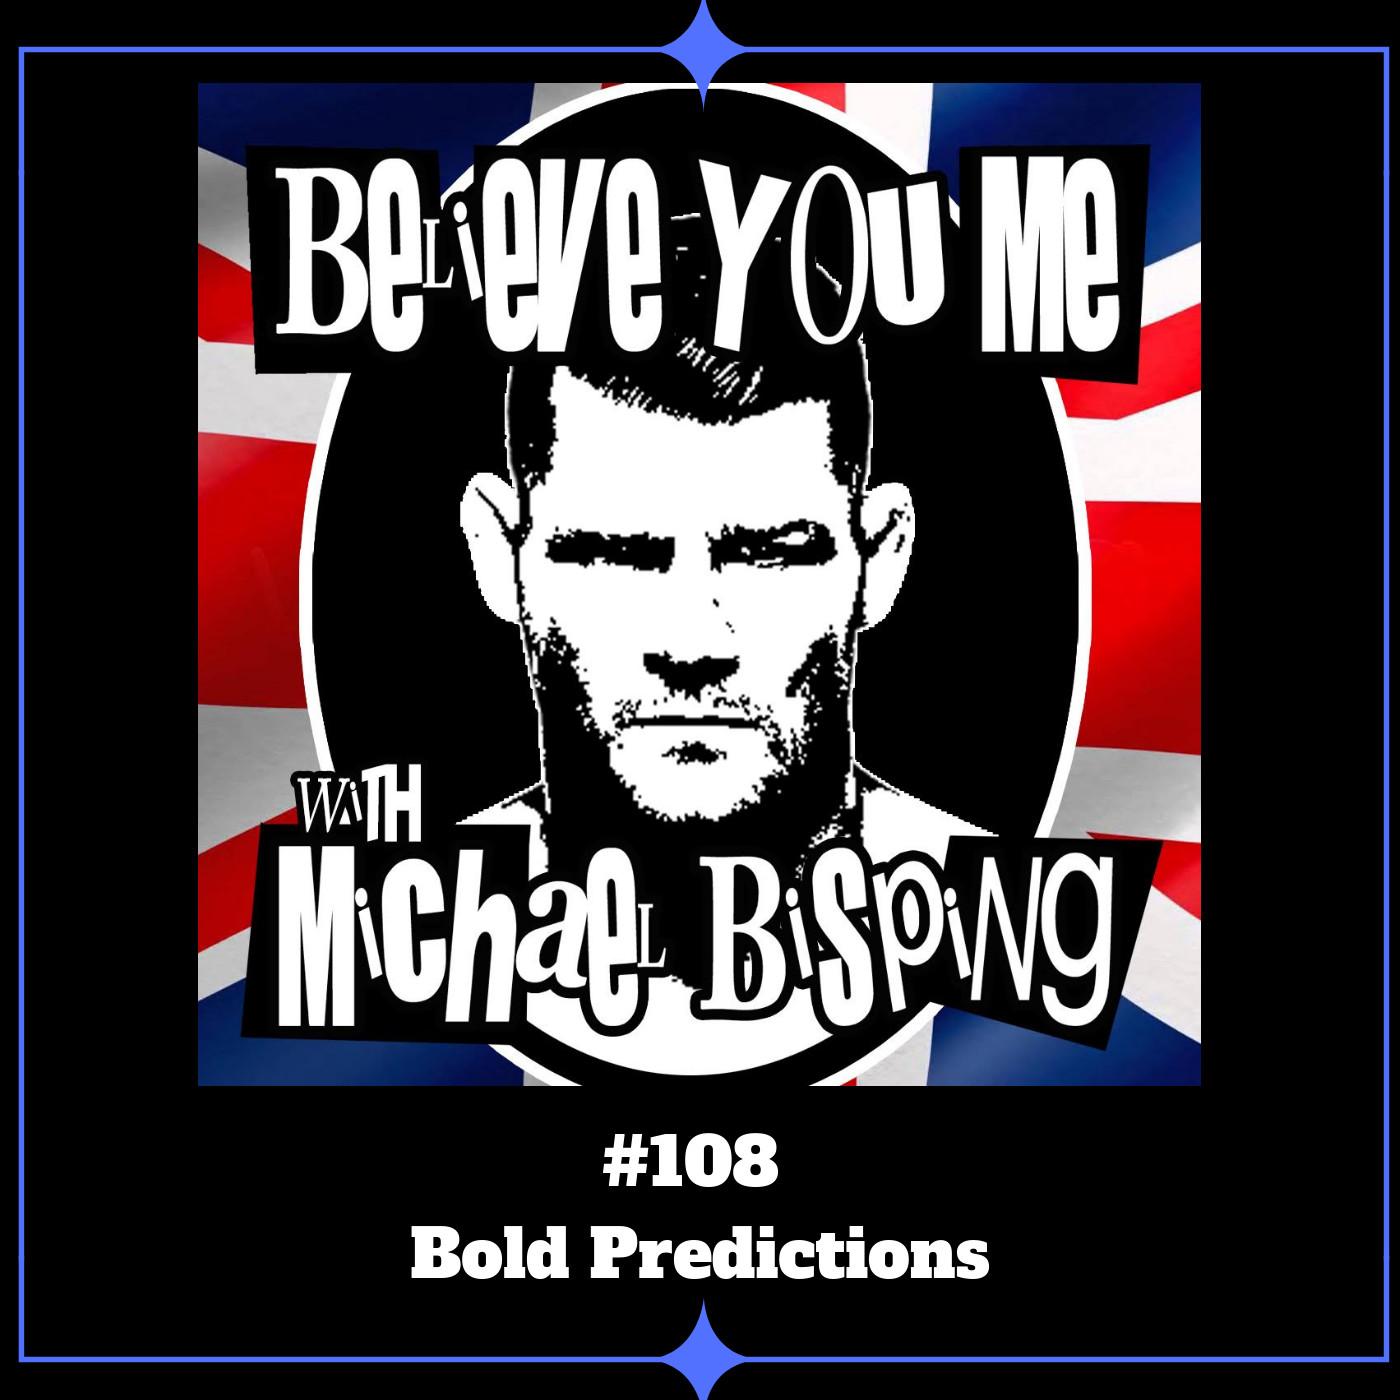 108 - Bold Predictions